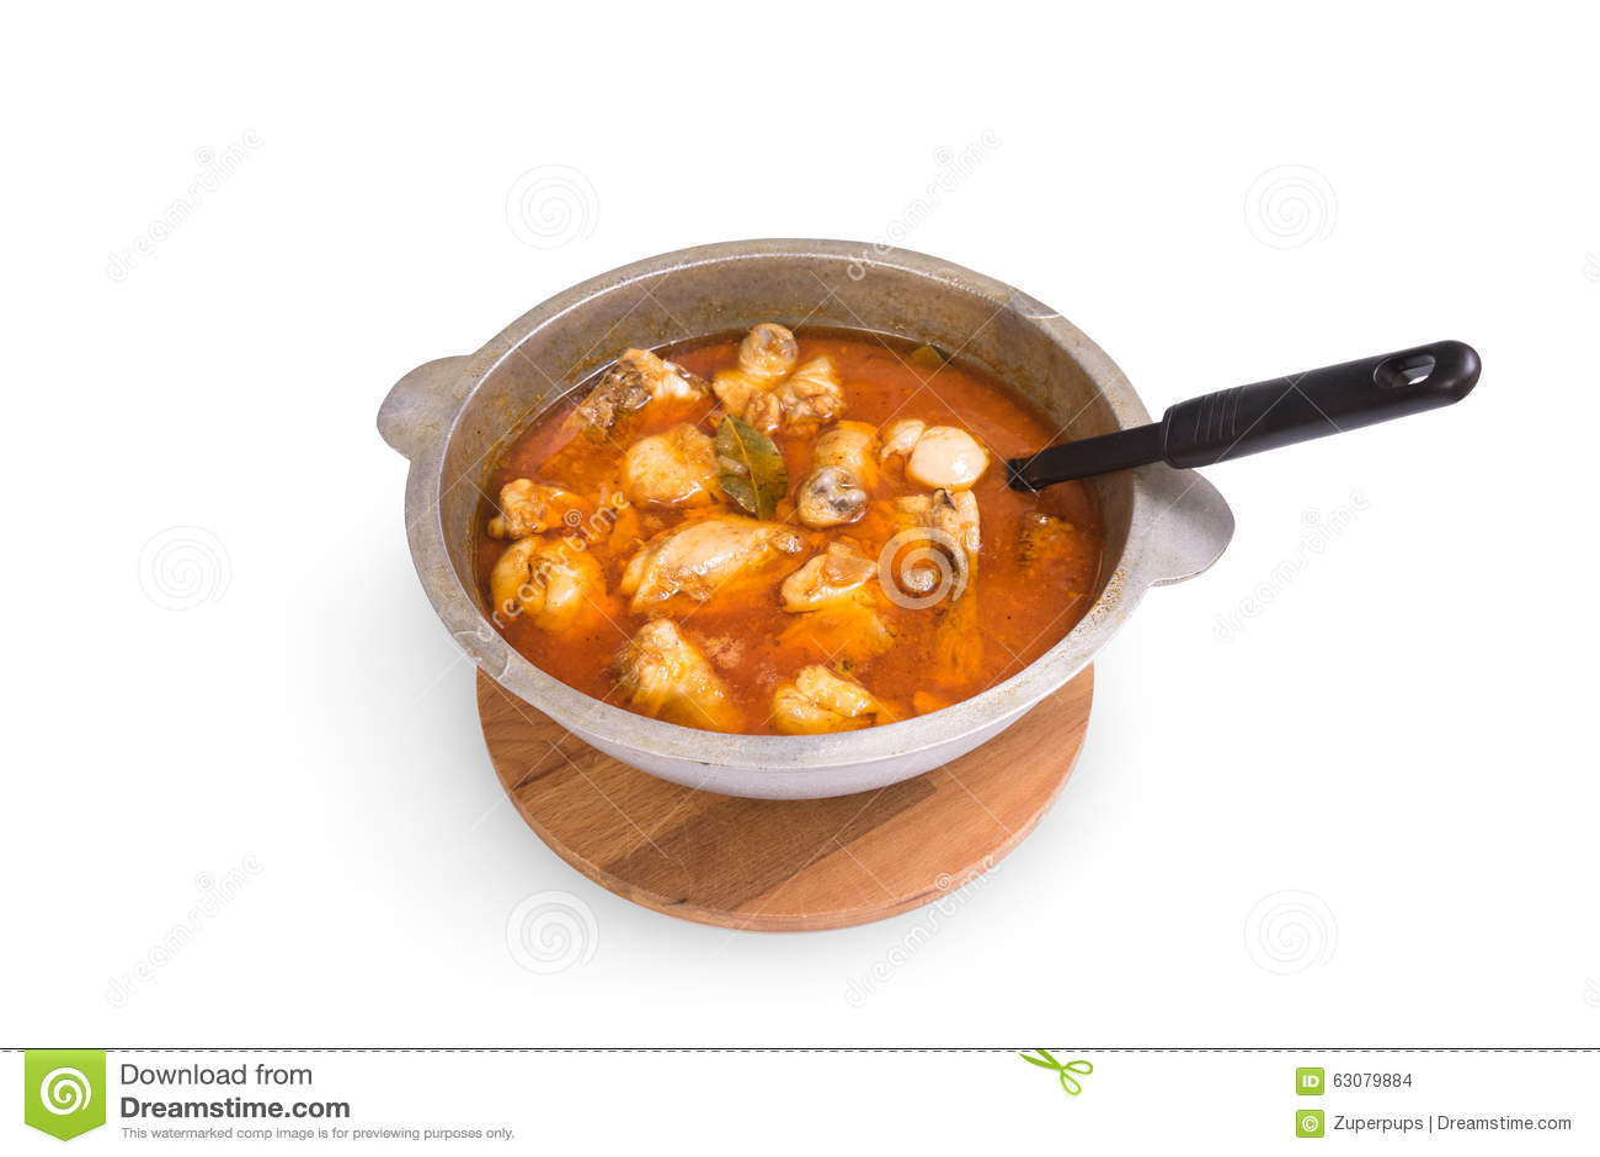 Download Poulet cuit photo stock. Image du casserole, rouge, milieux - 63079884